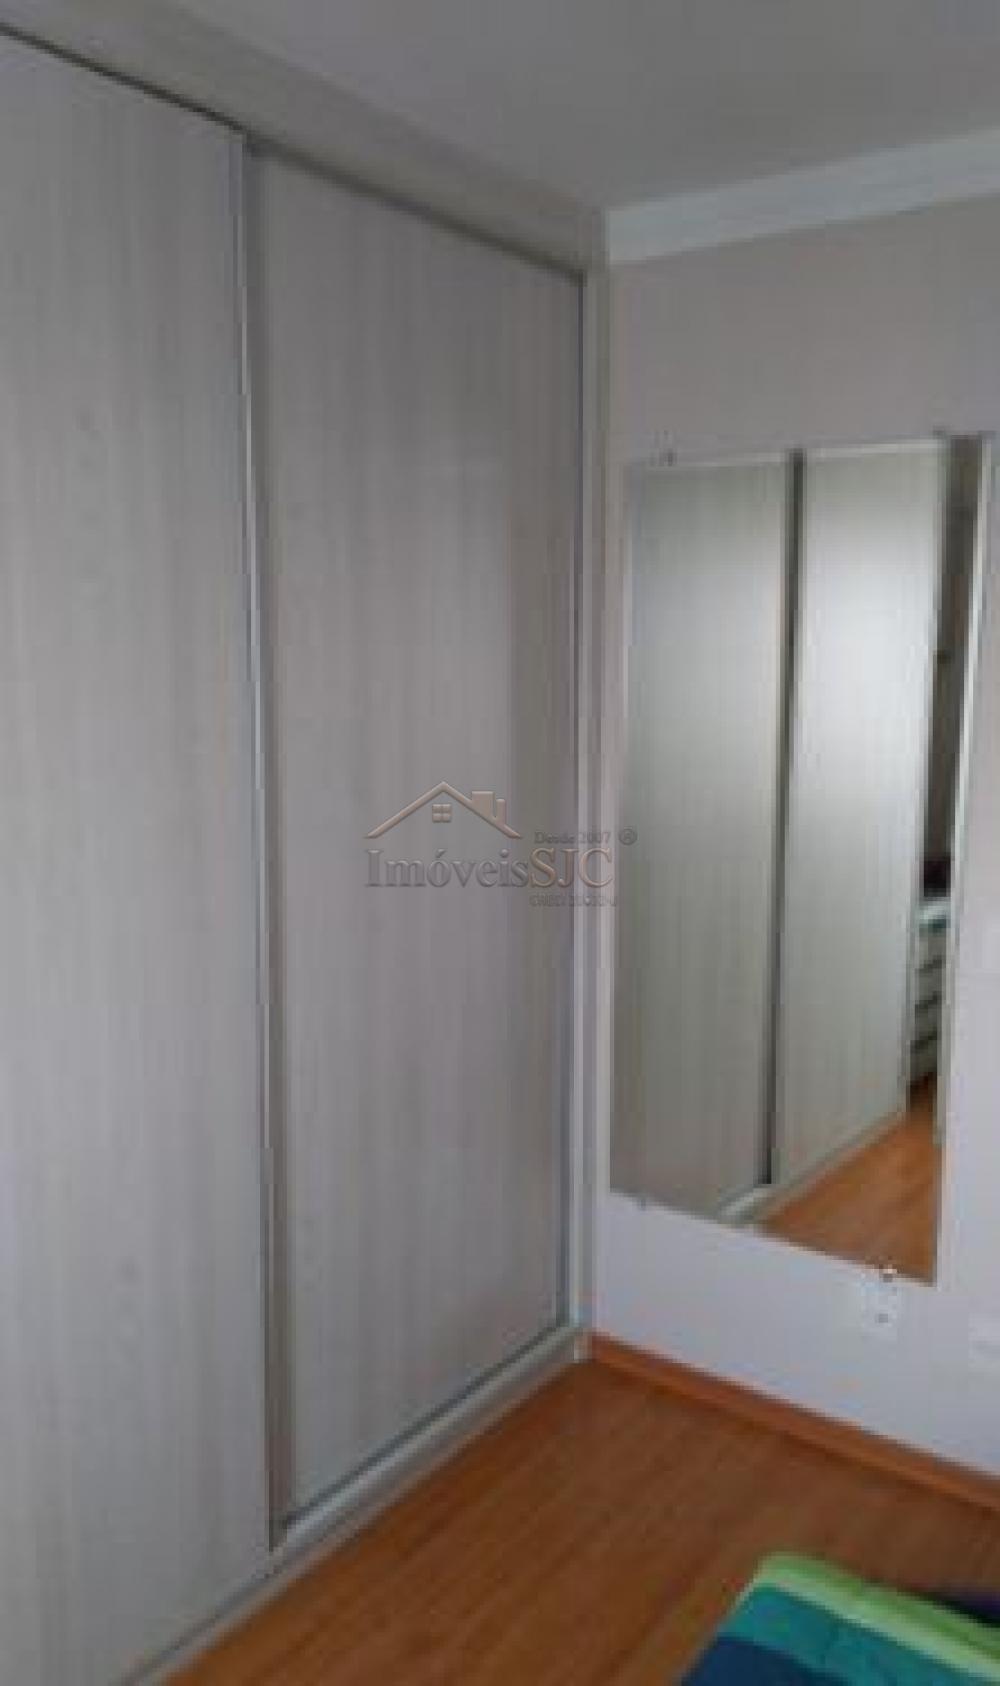 Comprar Apartamentos / Padrão em São José dos Campos apenas R$ 440.000,00 - Foto 12